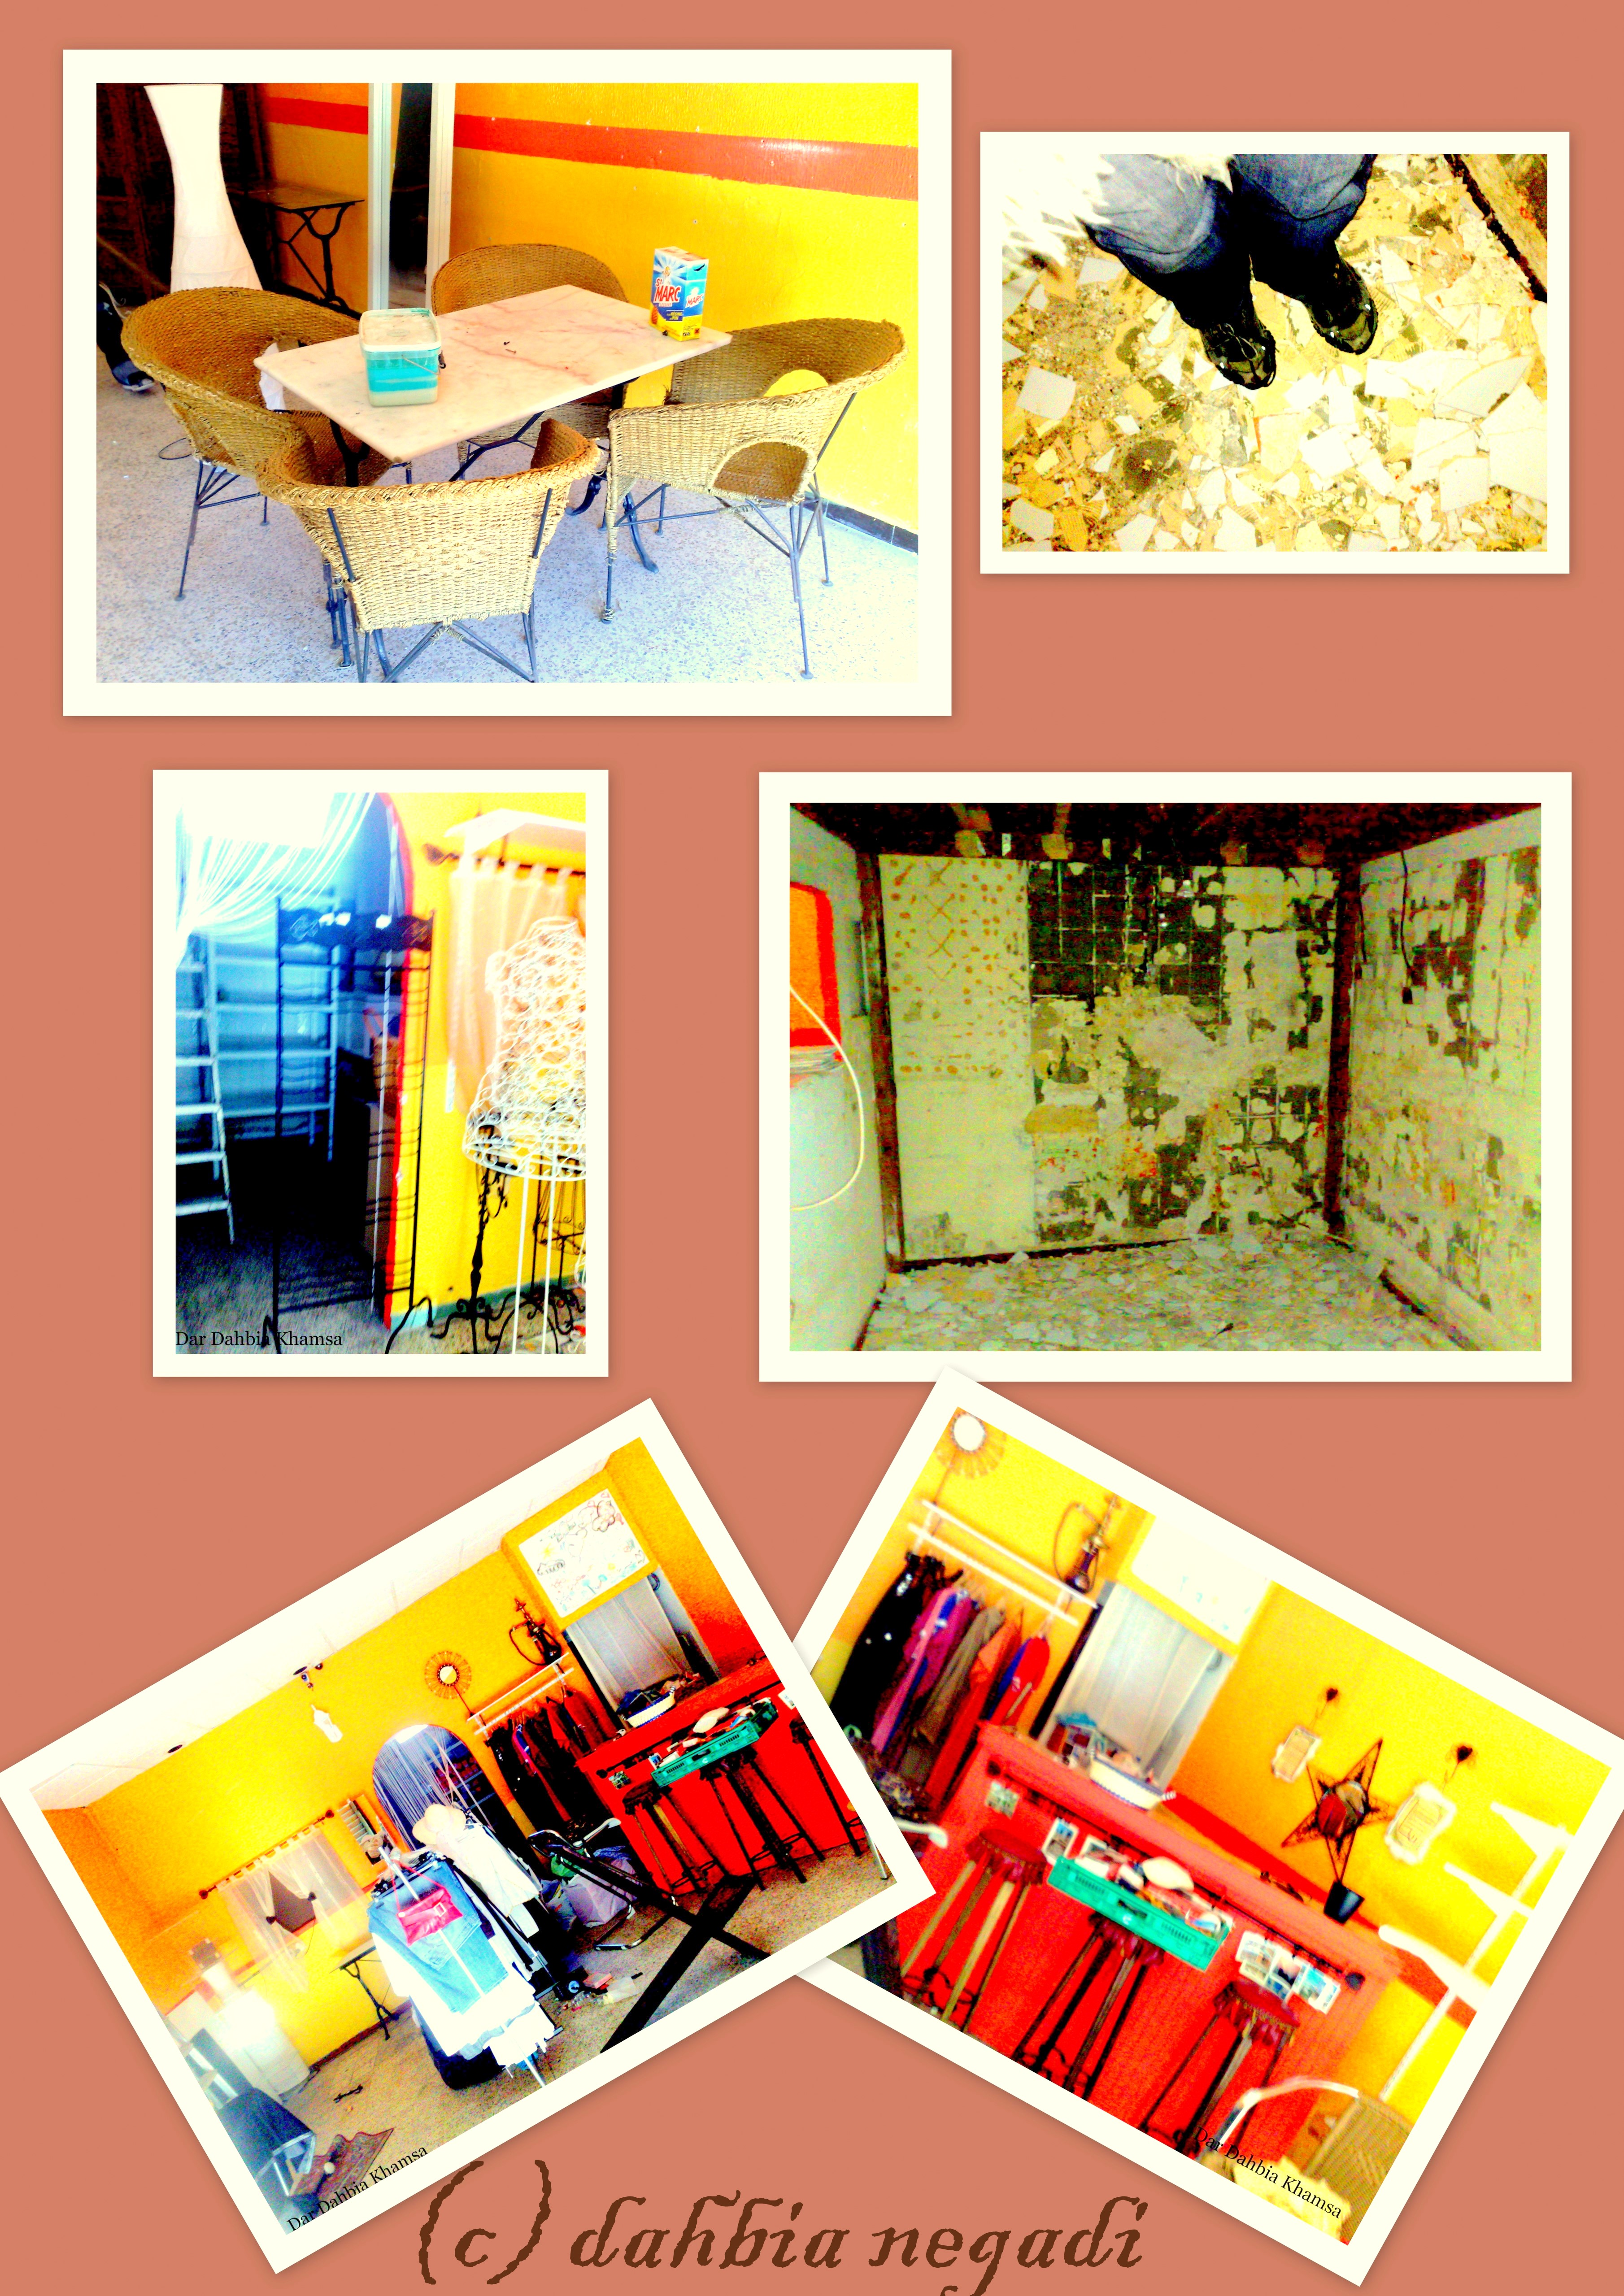 D coration artisanat d 39 art alg rien - Artisanat d art hervet manufacturier ...